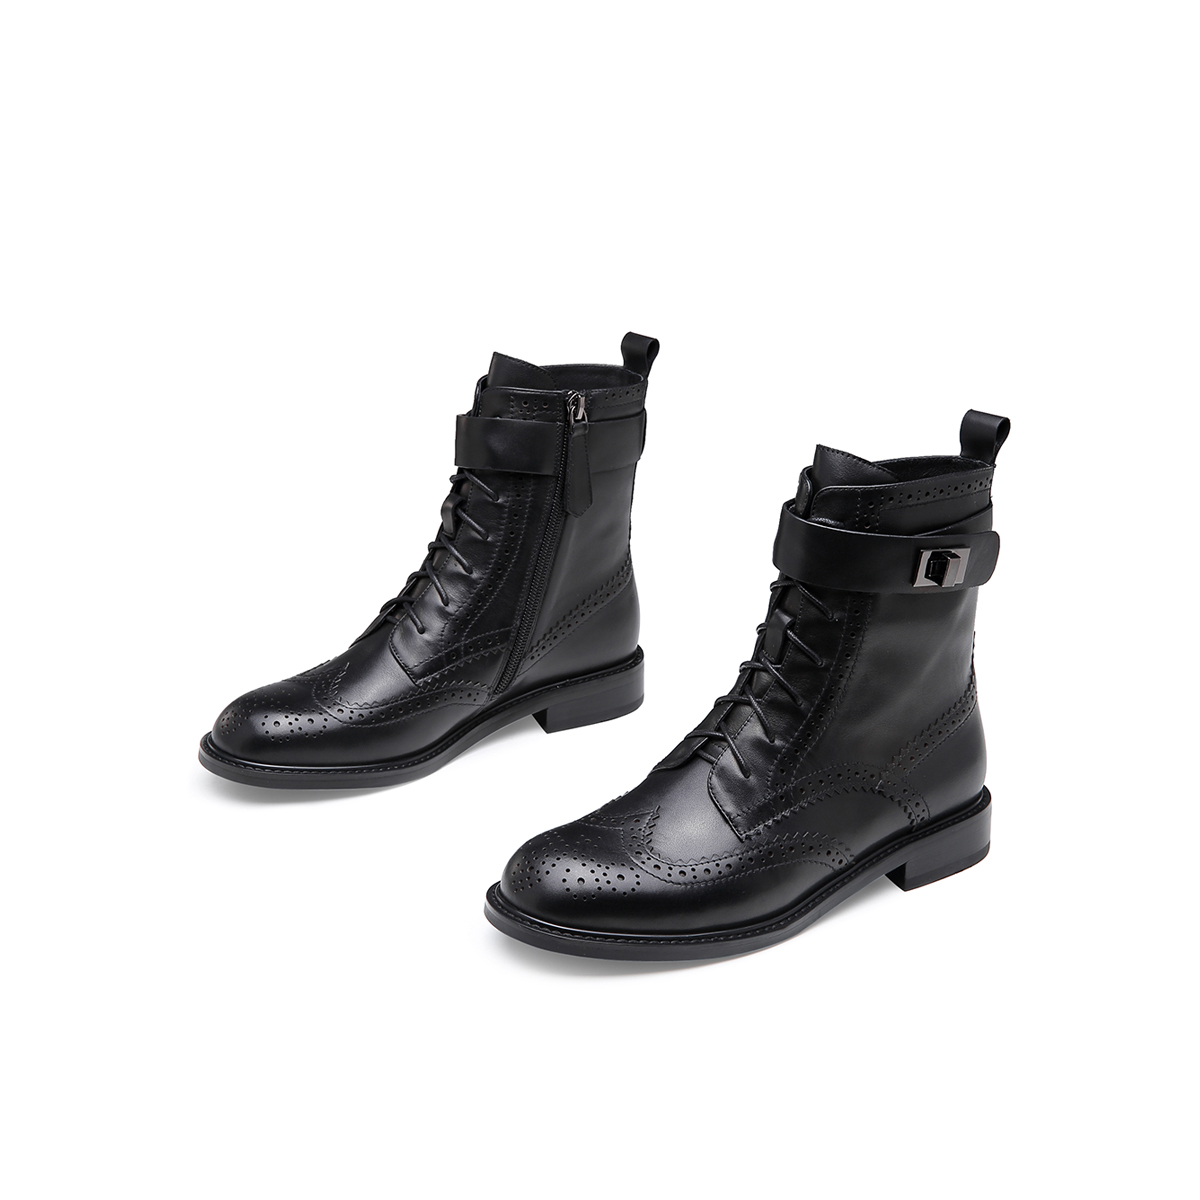 英伦范马丁靴新款牛皮短靴子女布洛克拉链低跟靴